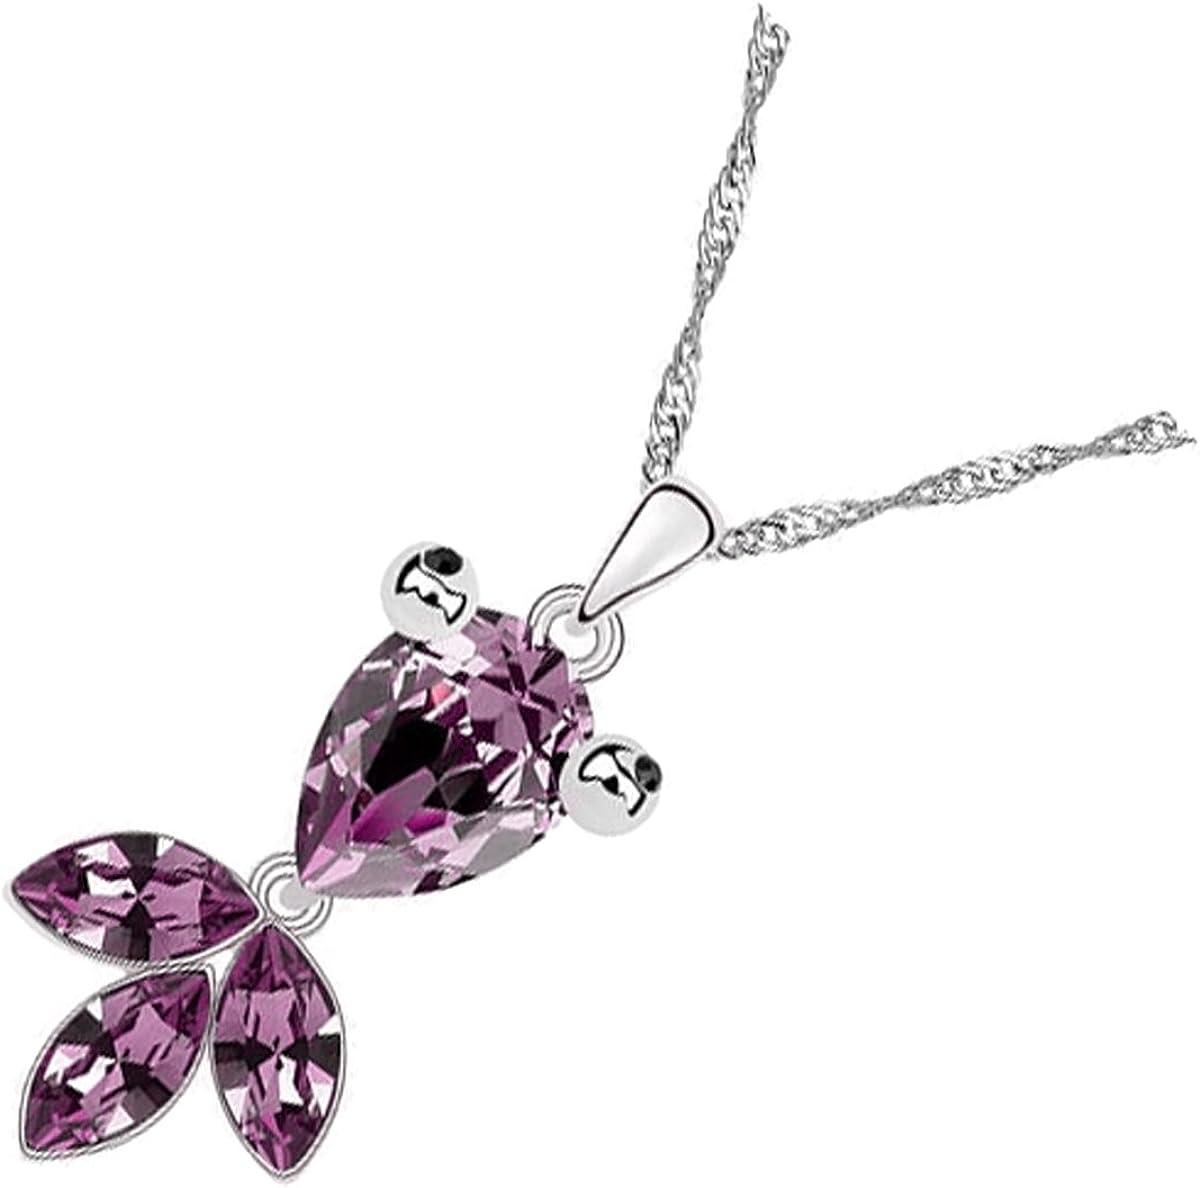 UPCO Jewellery Collar con Pendiente de un Adorable Pez con una Lágrima y Piezas de Cristal Púrpura Amatista, el Color de los Nacidos en el Mes de Febrero, de 38 x 16 MM Bañado en Oro Blanco 18K